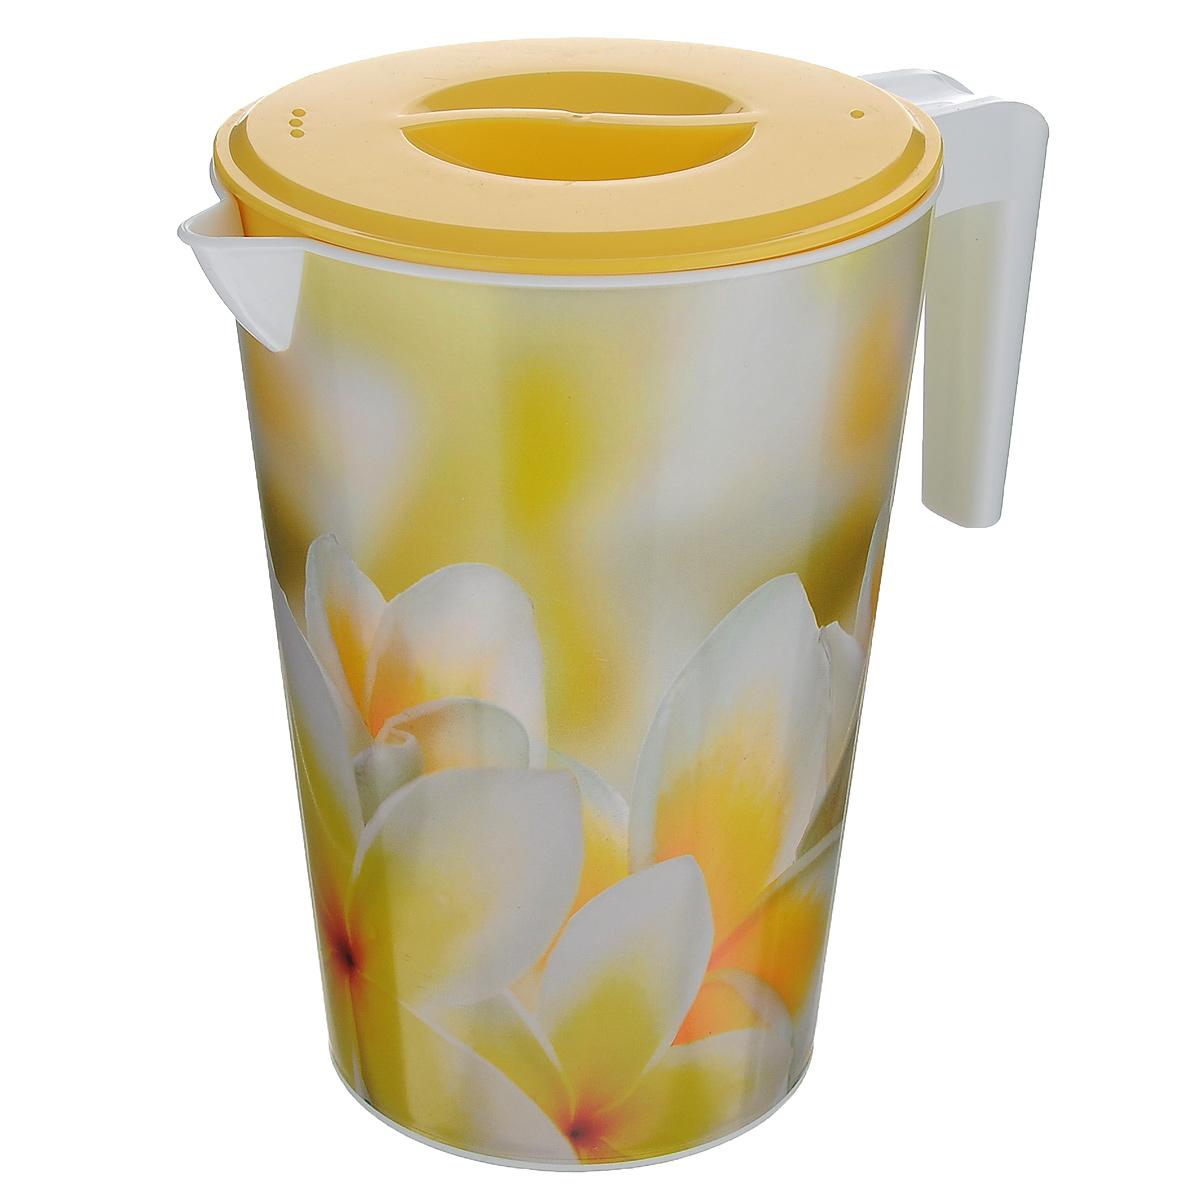 Кувшин Альтернатива Романтика, с крышкой, цвет: желтый, 2 лM1946Кувшин Альтернатива Романтика, выполненный из пластика и декорированный ярким цветочным рисунком, элегантно украсит ваш стол. Кувшин оснащен удобной ручкой и плотно закрывающейся пластиковой крышкой. Изделие имеет носик для выливания жидкости. Подойдет для подачи воды, сока, компота и других напитков. Кувшин Альтернатива Романтика дополнит интерьер вашей кухни и станет замечательным подарком к любому празднику. Объем: 2 л. Диаметр (по верхнему краю): 14 см. Диаметр основания: 10,5 см. Высота кувшина: 19,5 см.